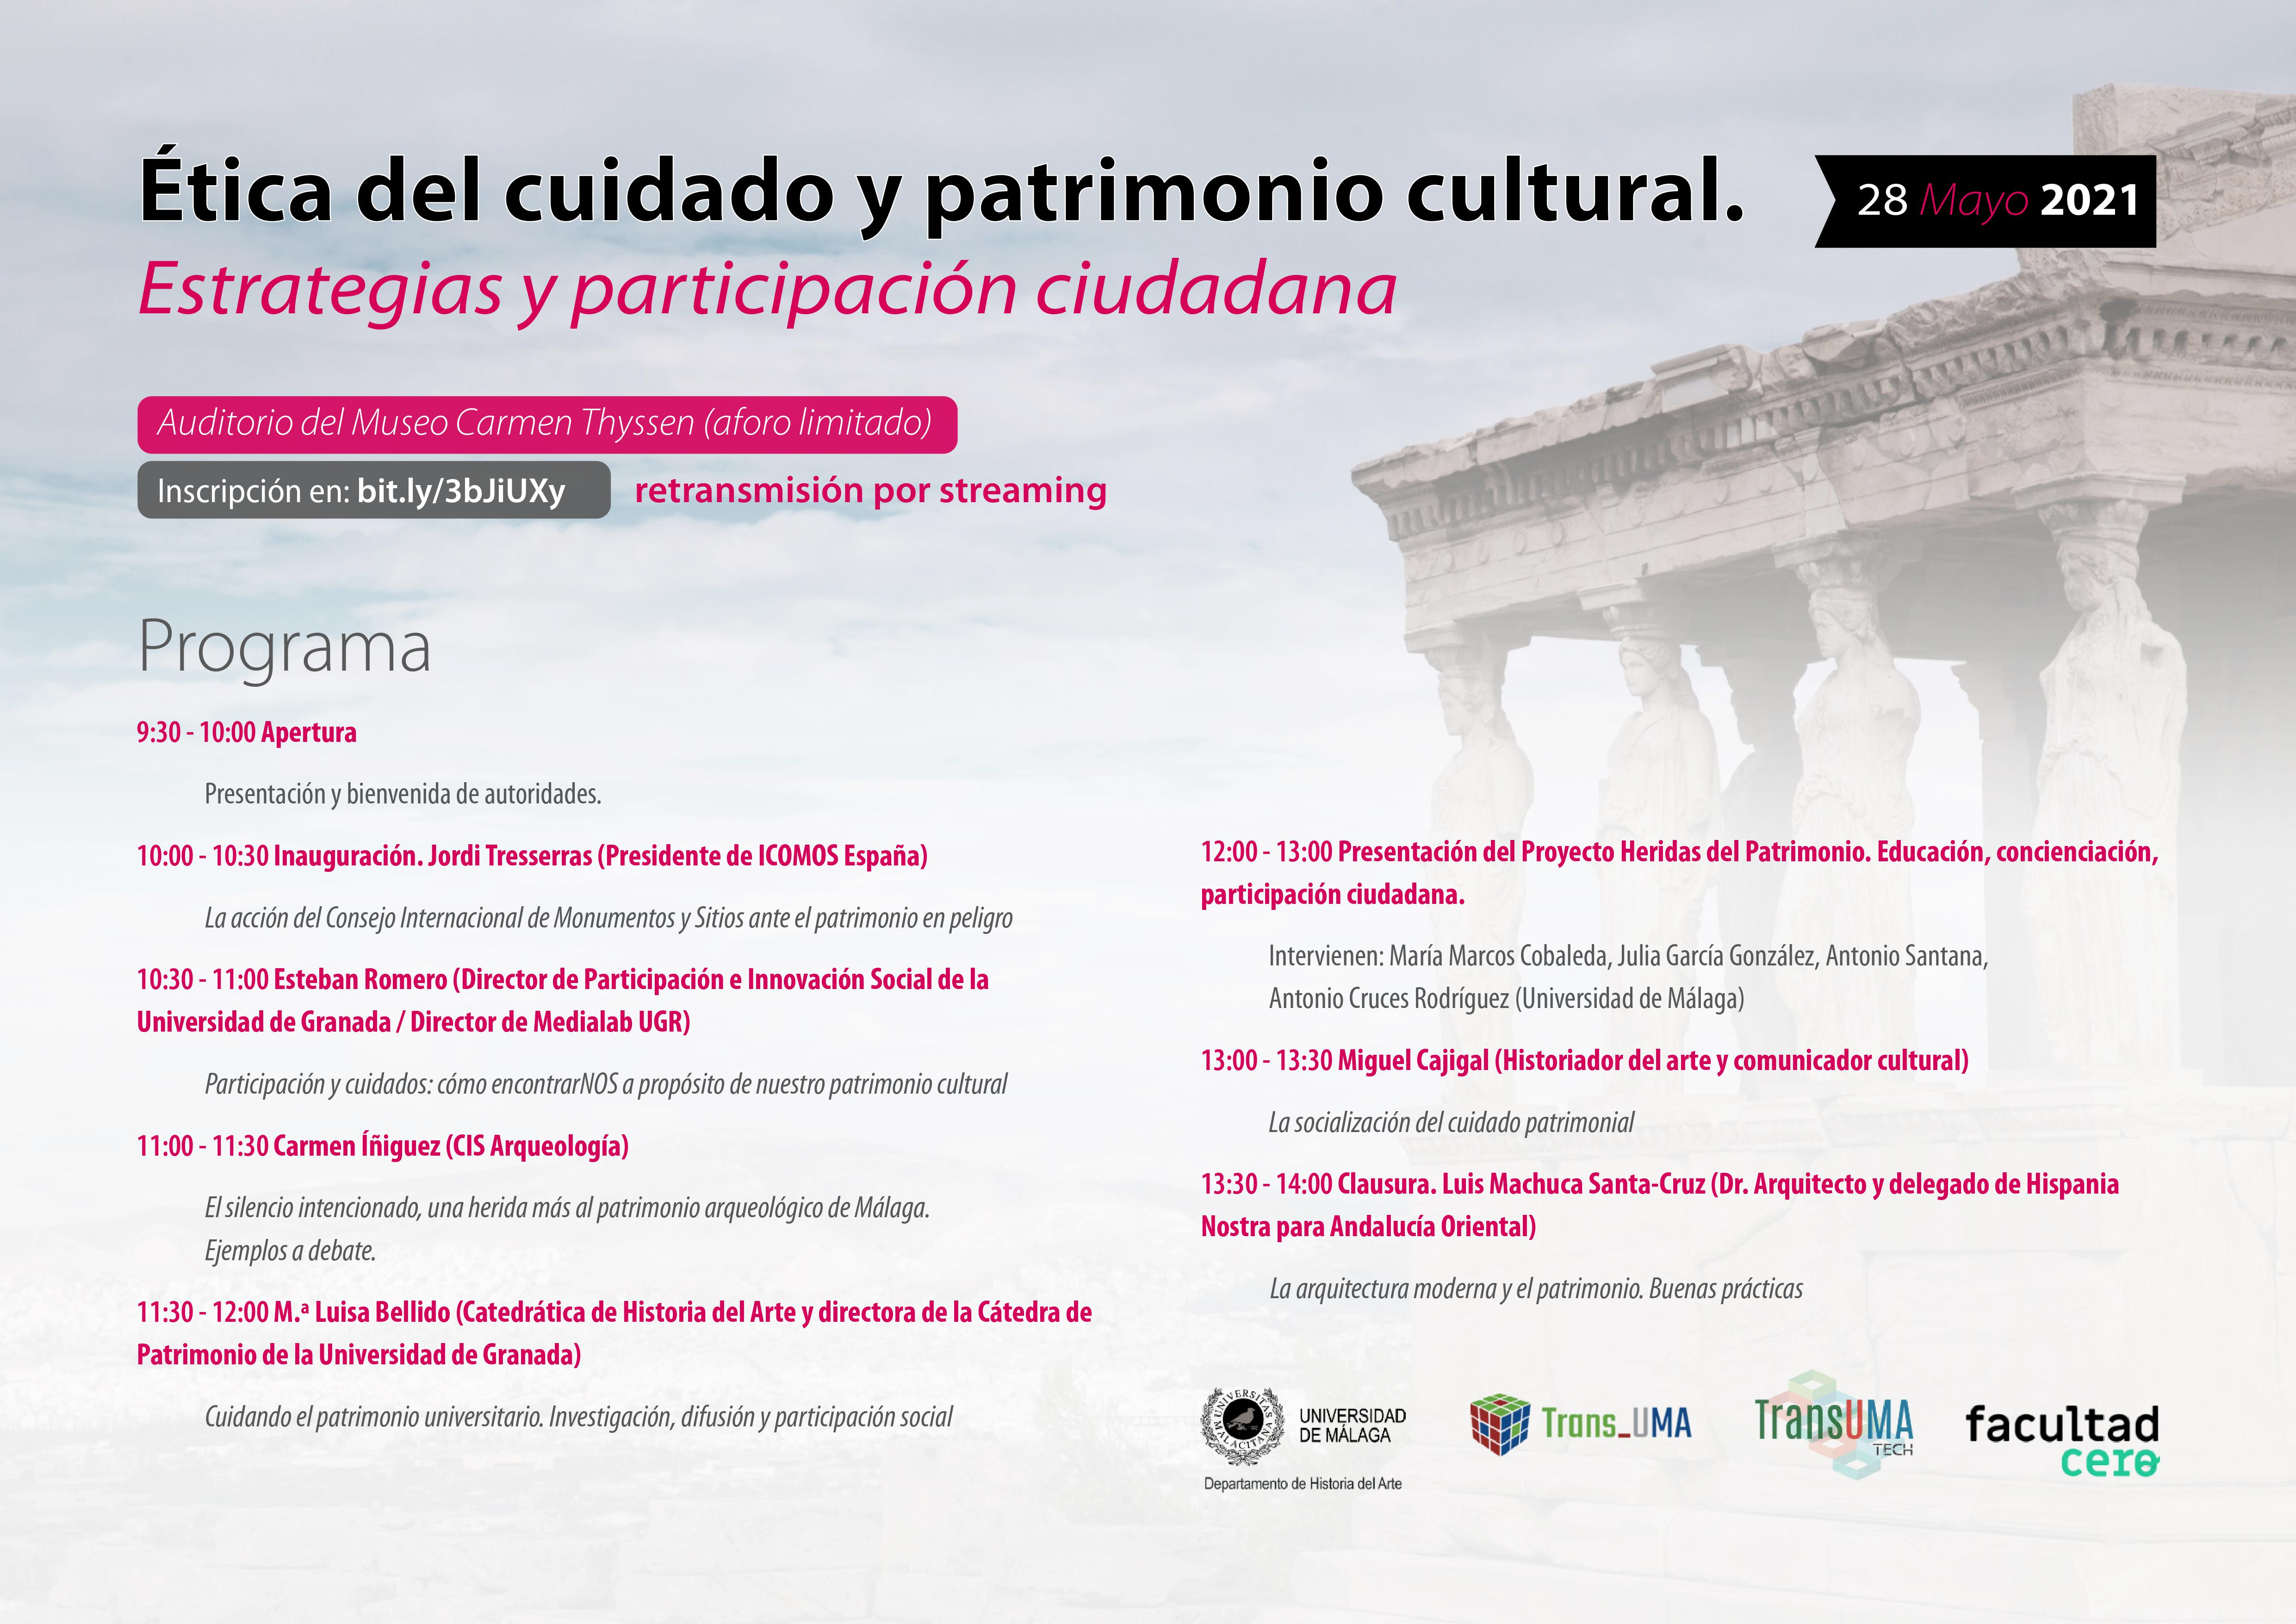 Imagen de la noticia Ética del cuidado y patrimonio cultural. Estrategias y participación ciudadana